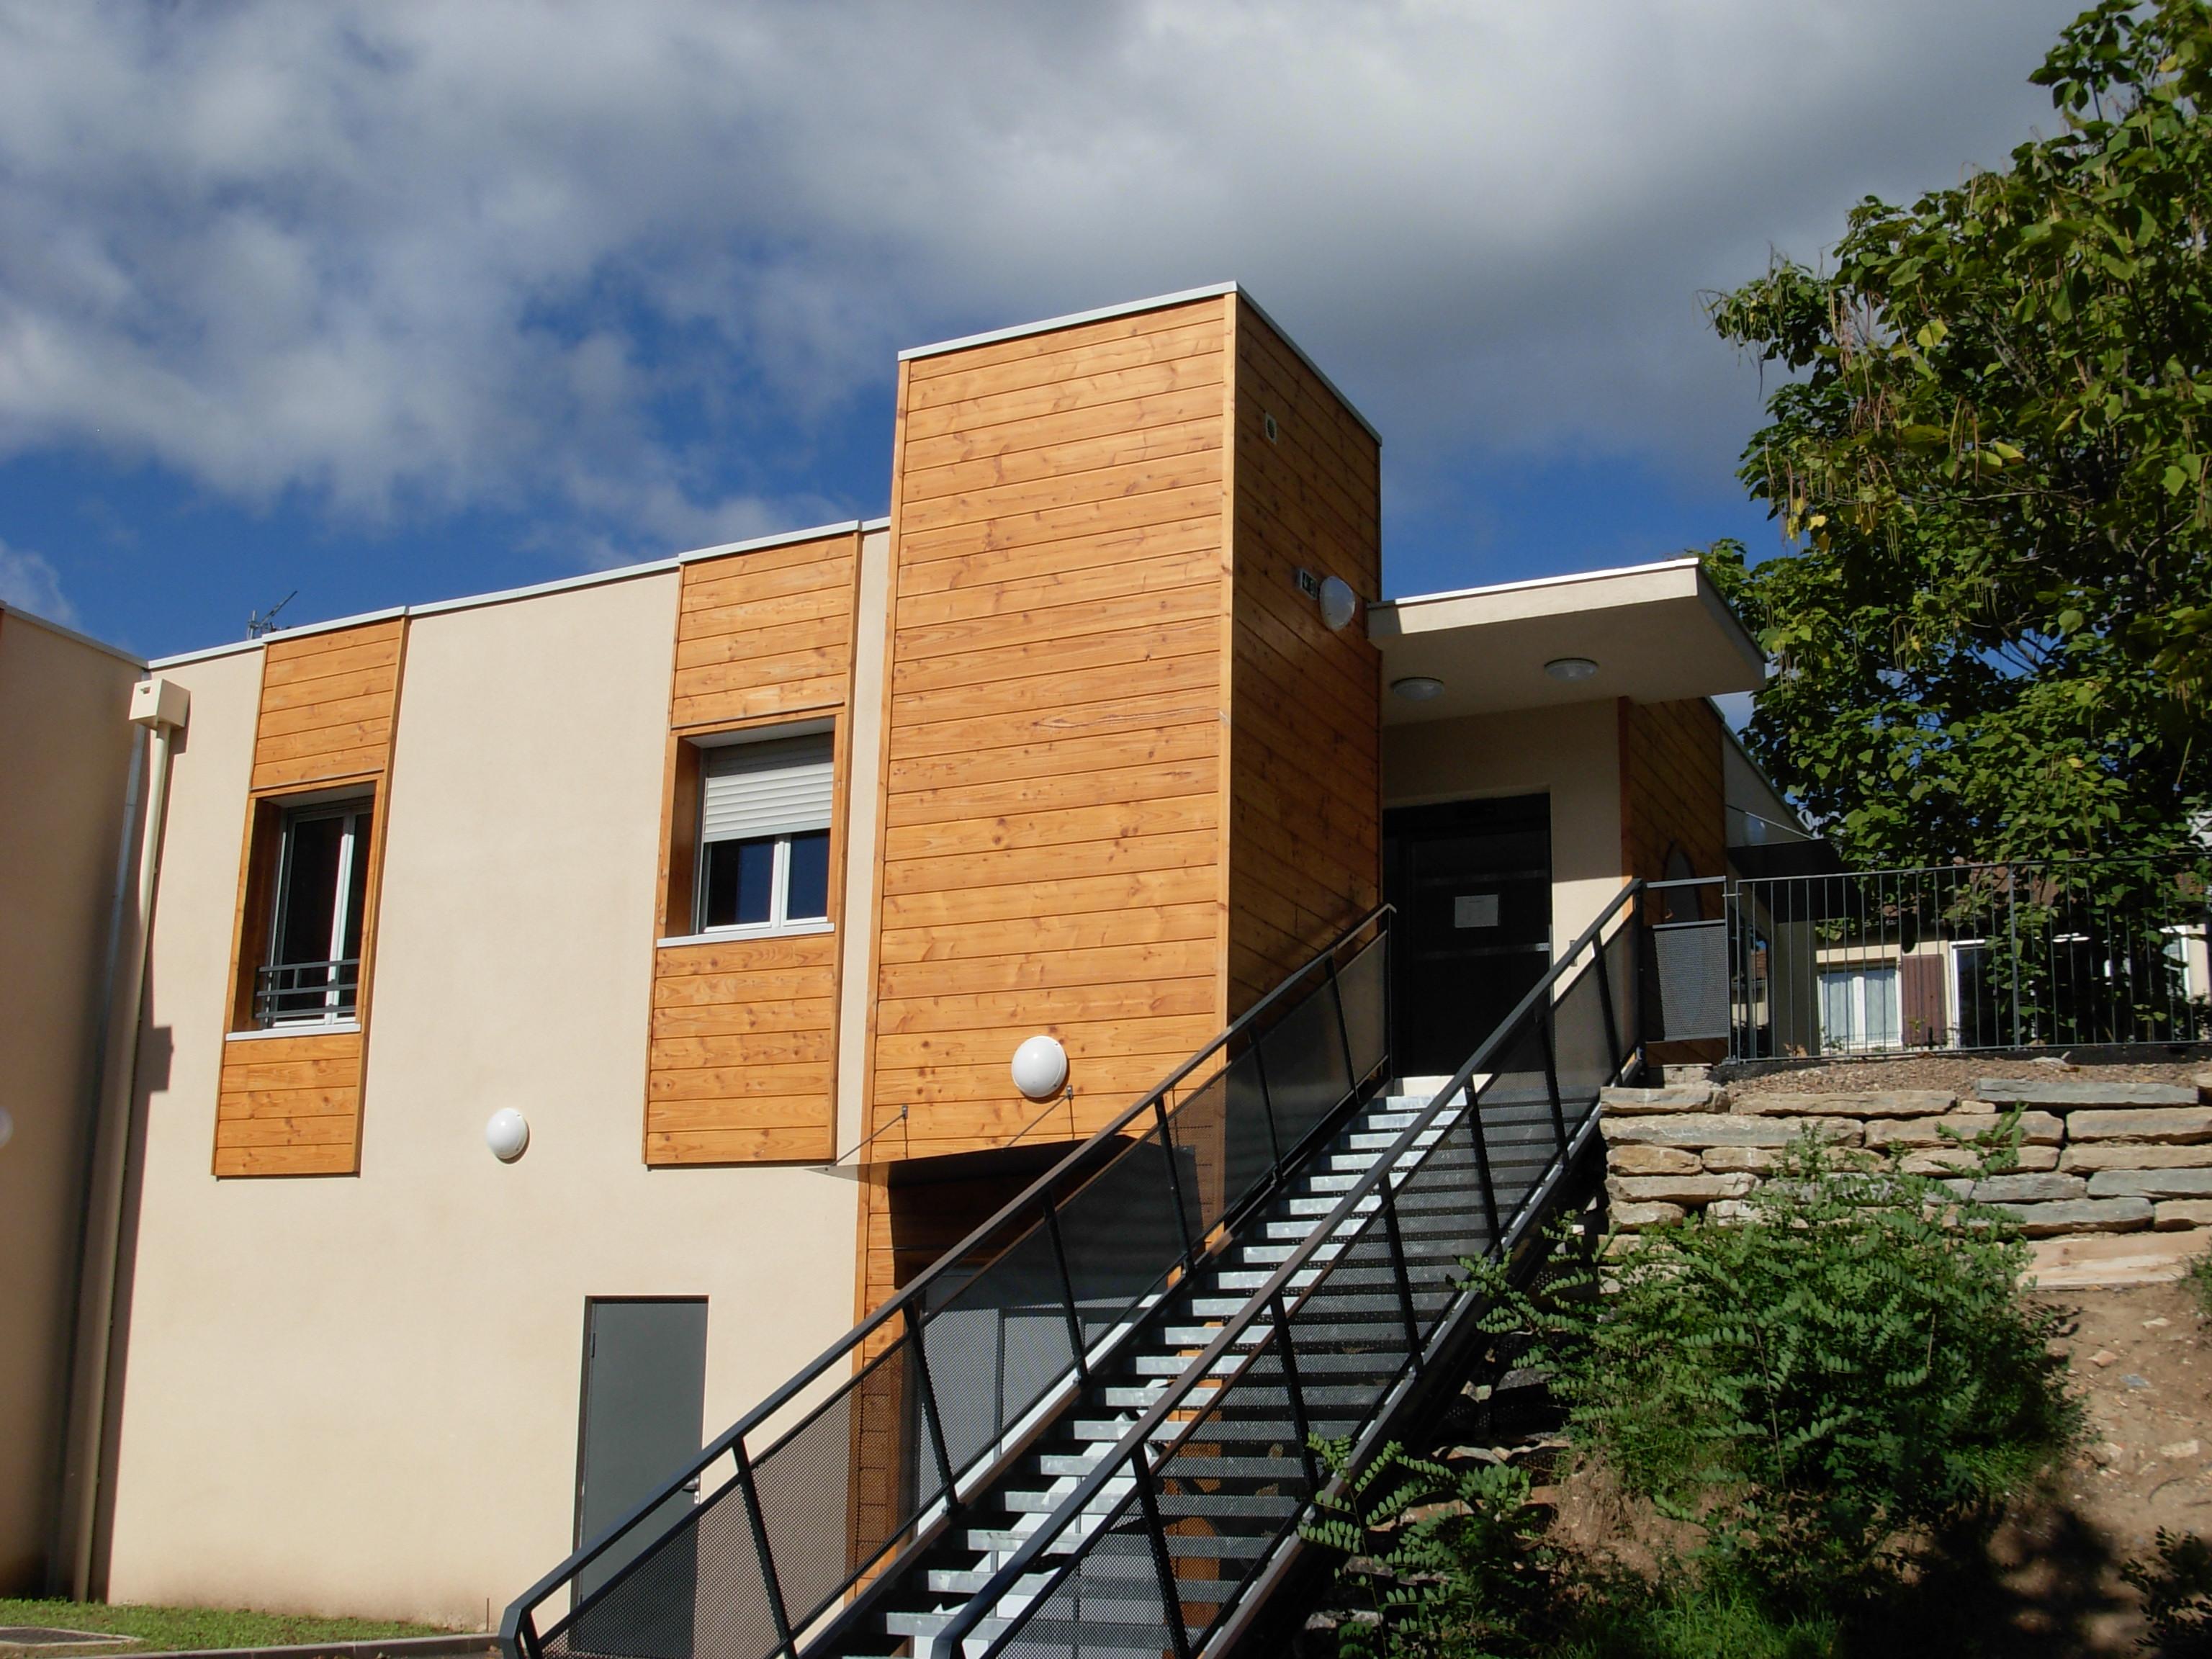 Maison De La Salle maison de santé pluriprofessionnelle | mairie de lasalle